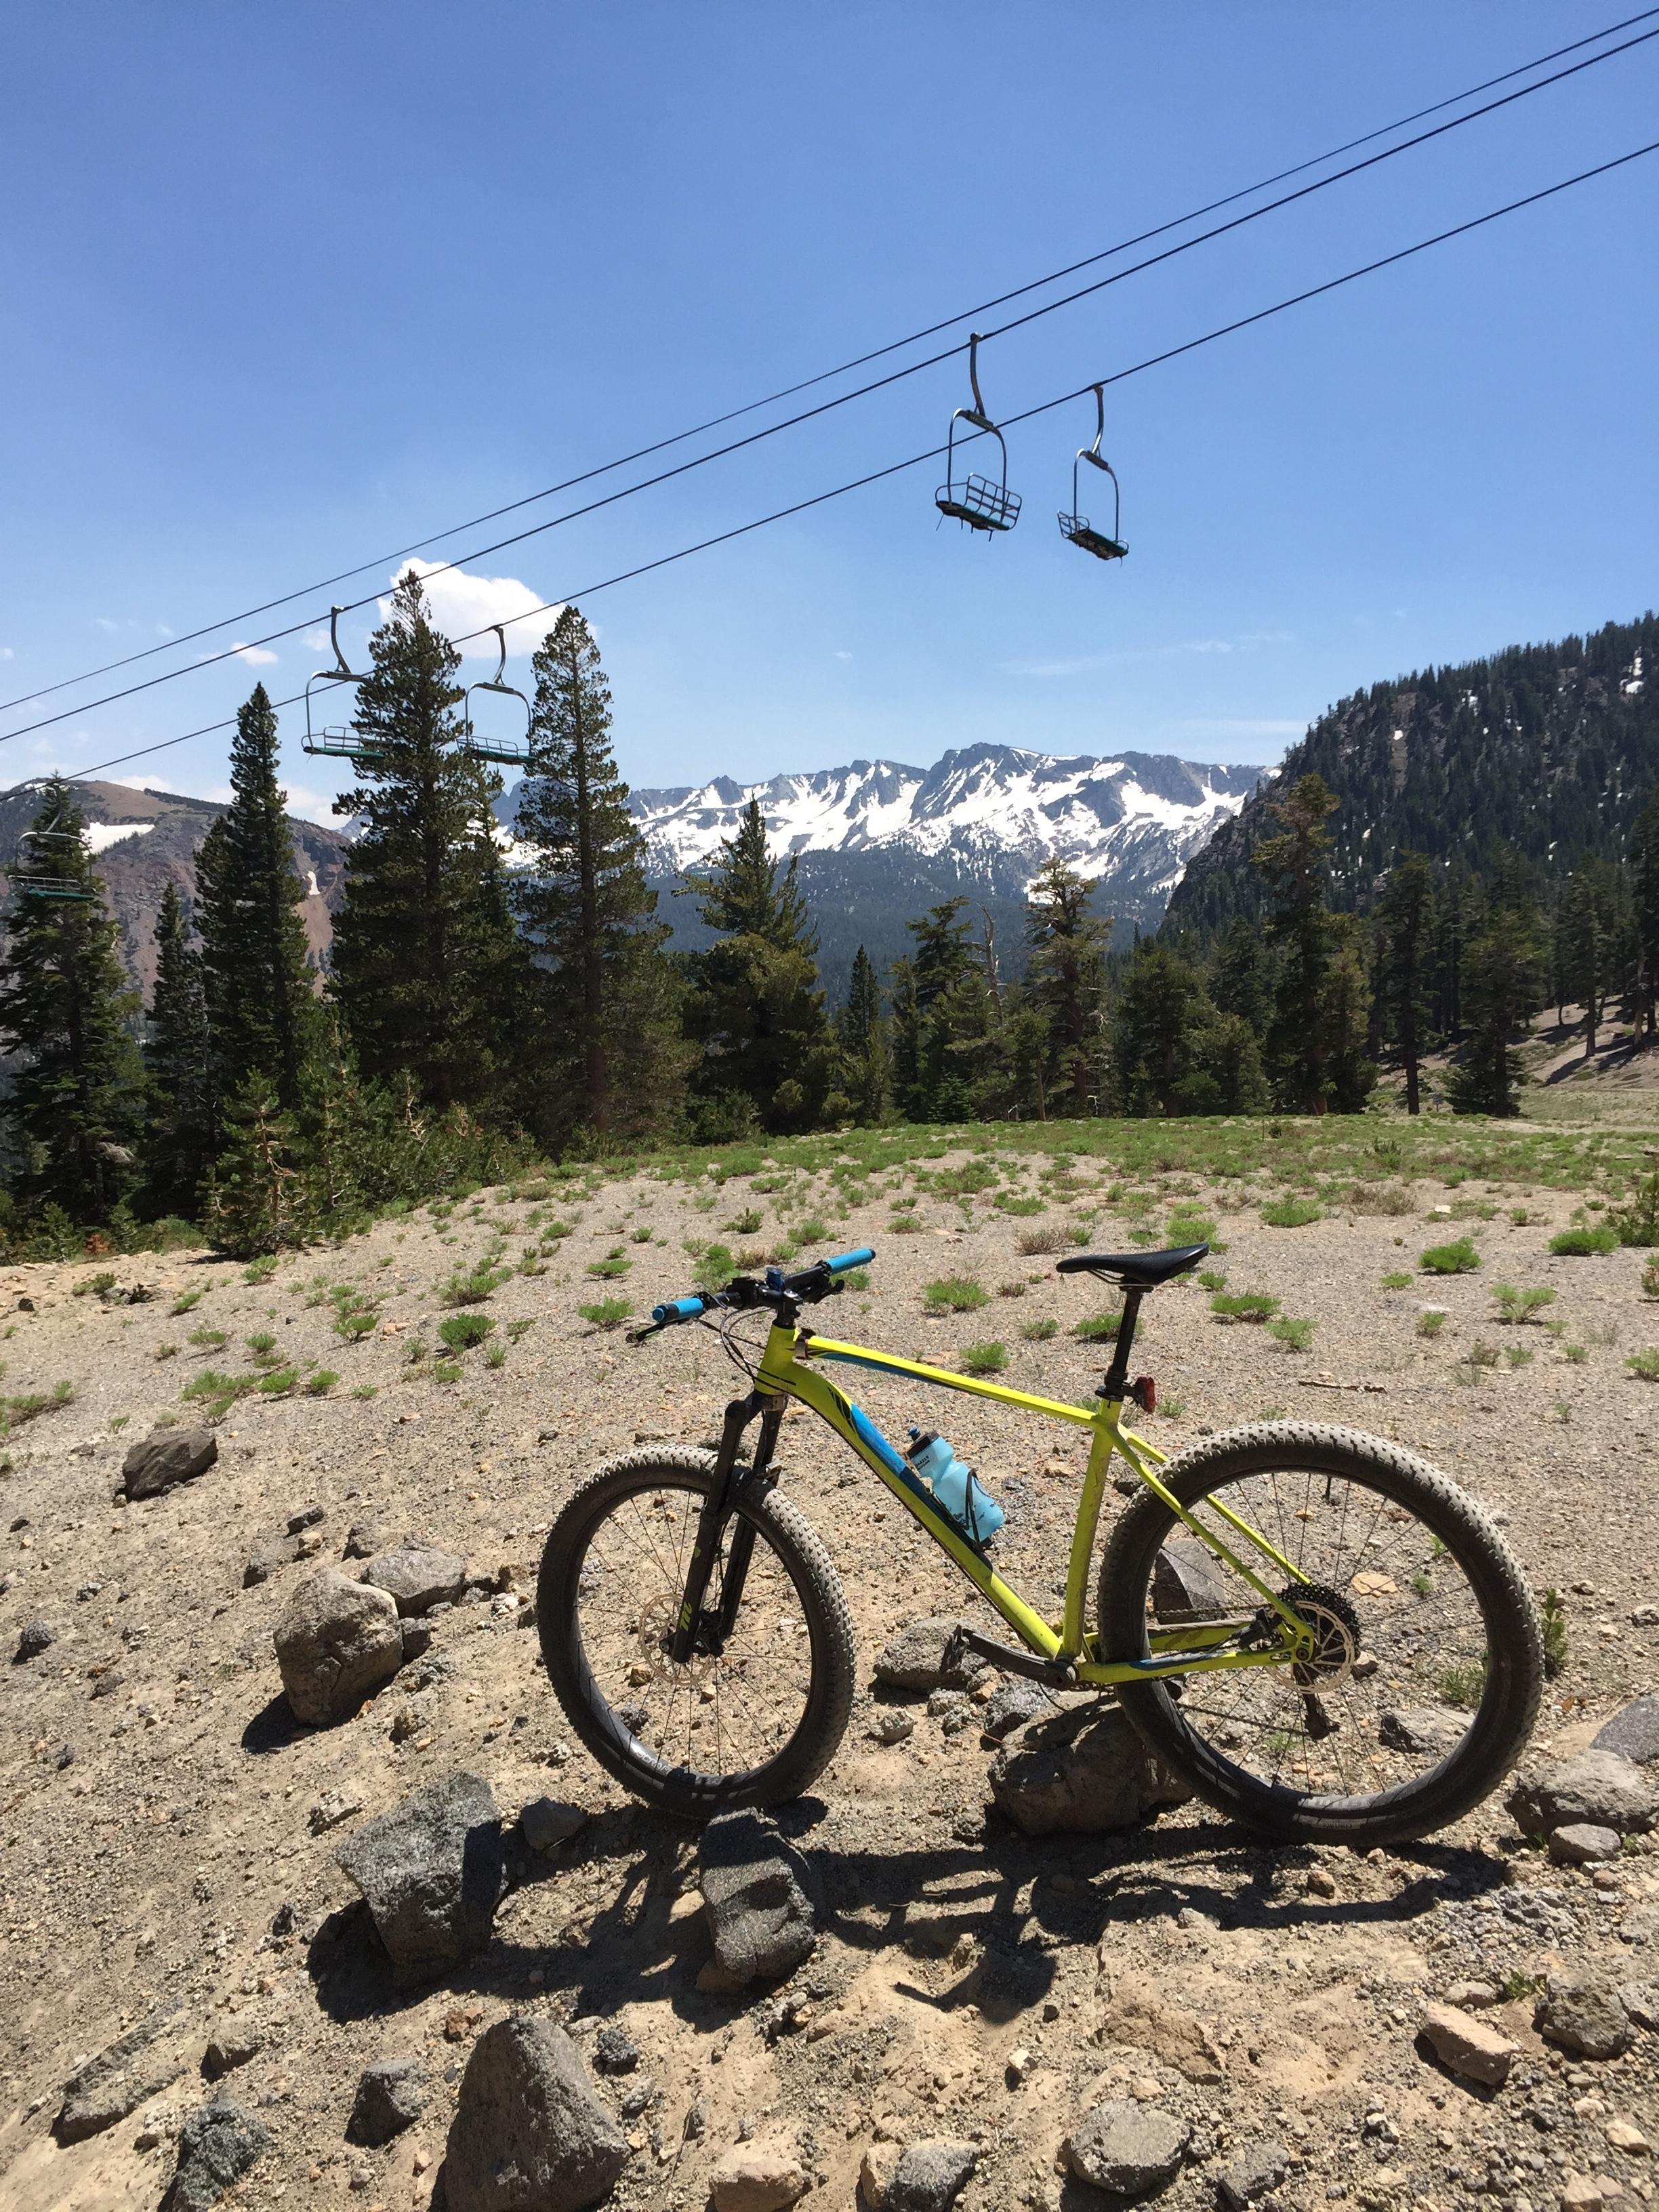 Ski and bike on the same mountain on the same day. Bucket list check.